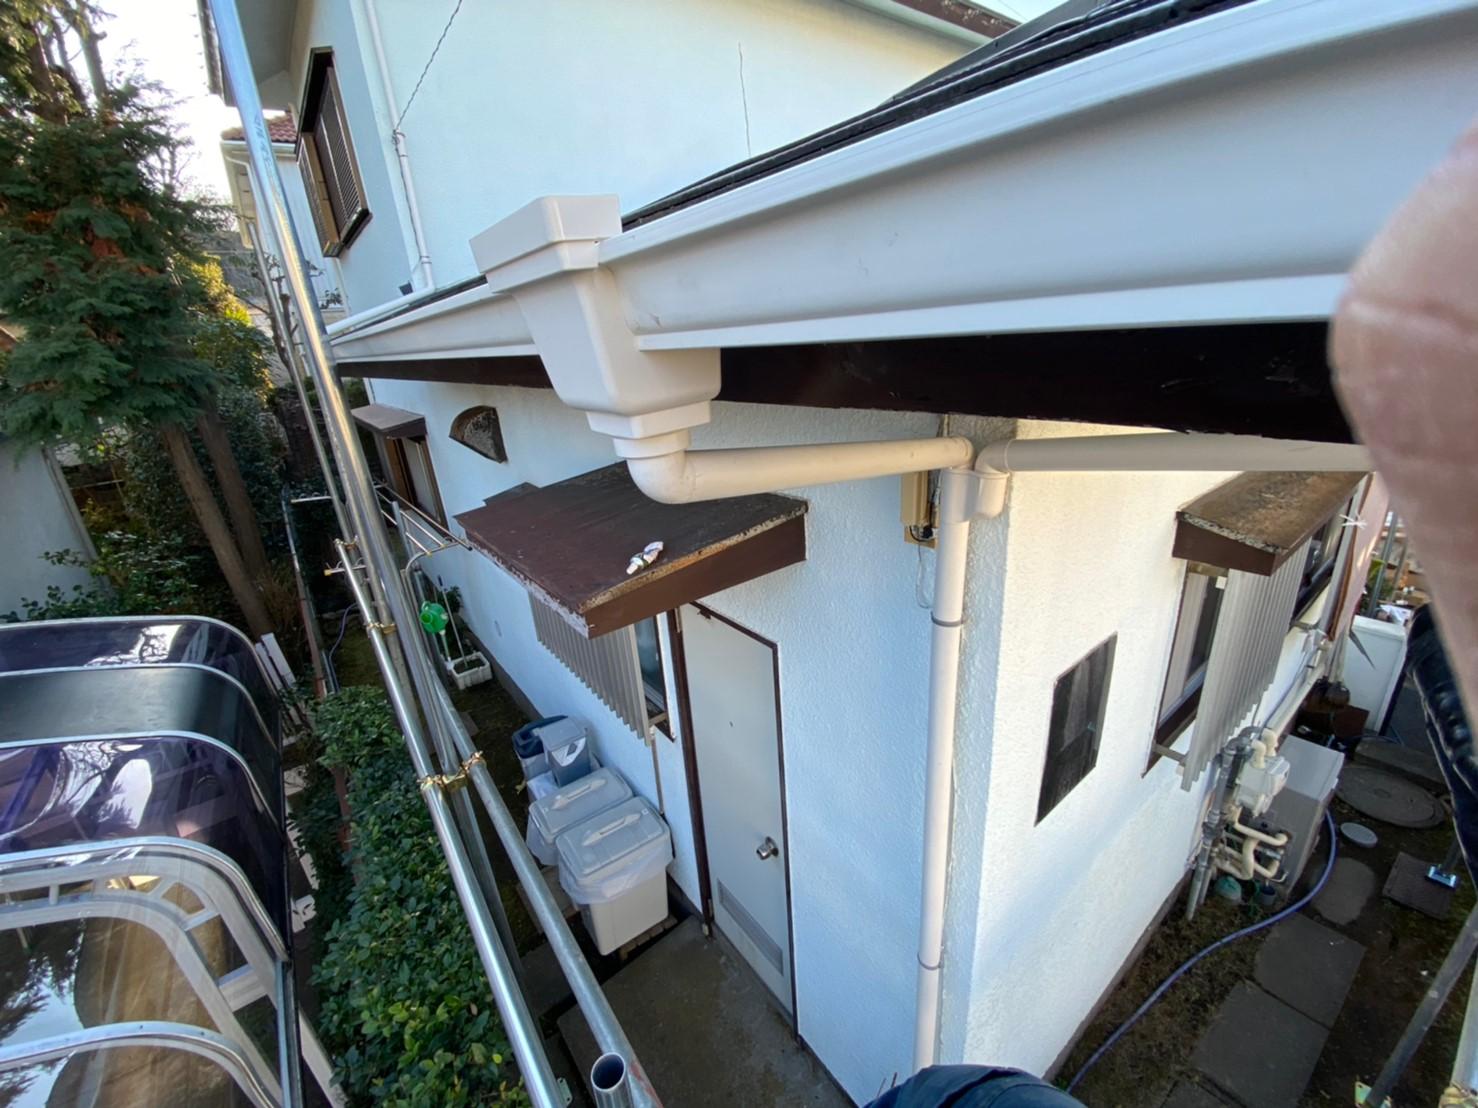 【施工完了報告】雨どいは家の中でも重要な存在!横浜市戸塚区のご自宅で雨どい交換!